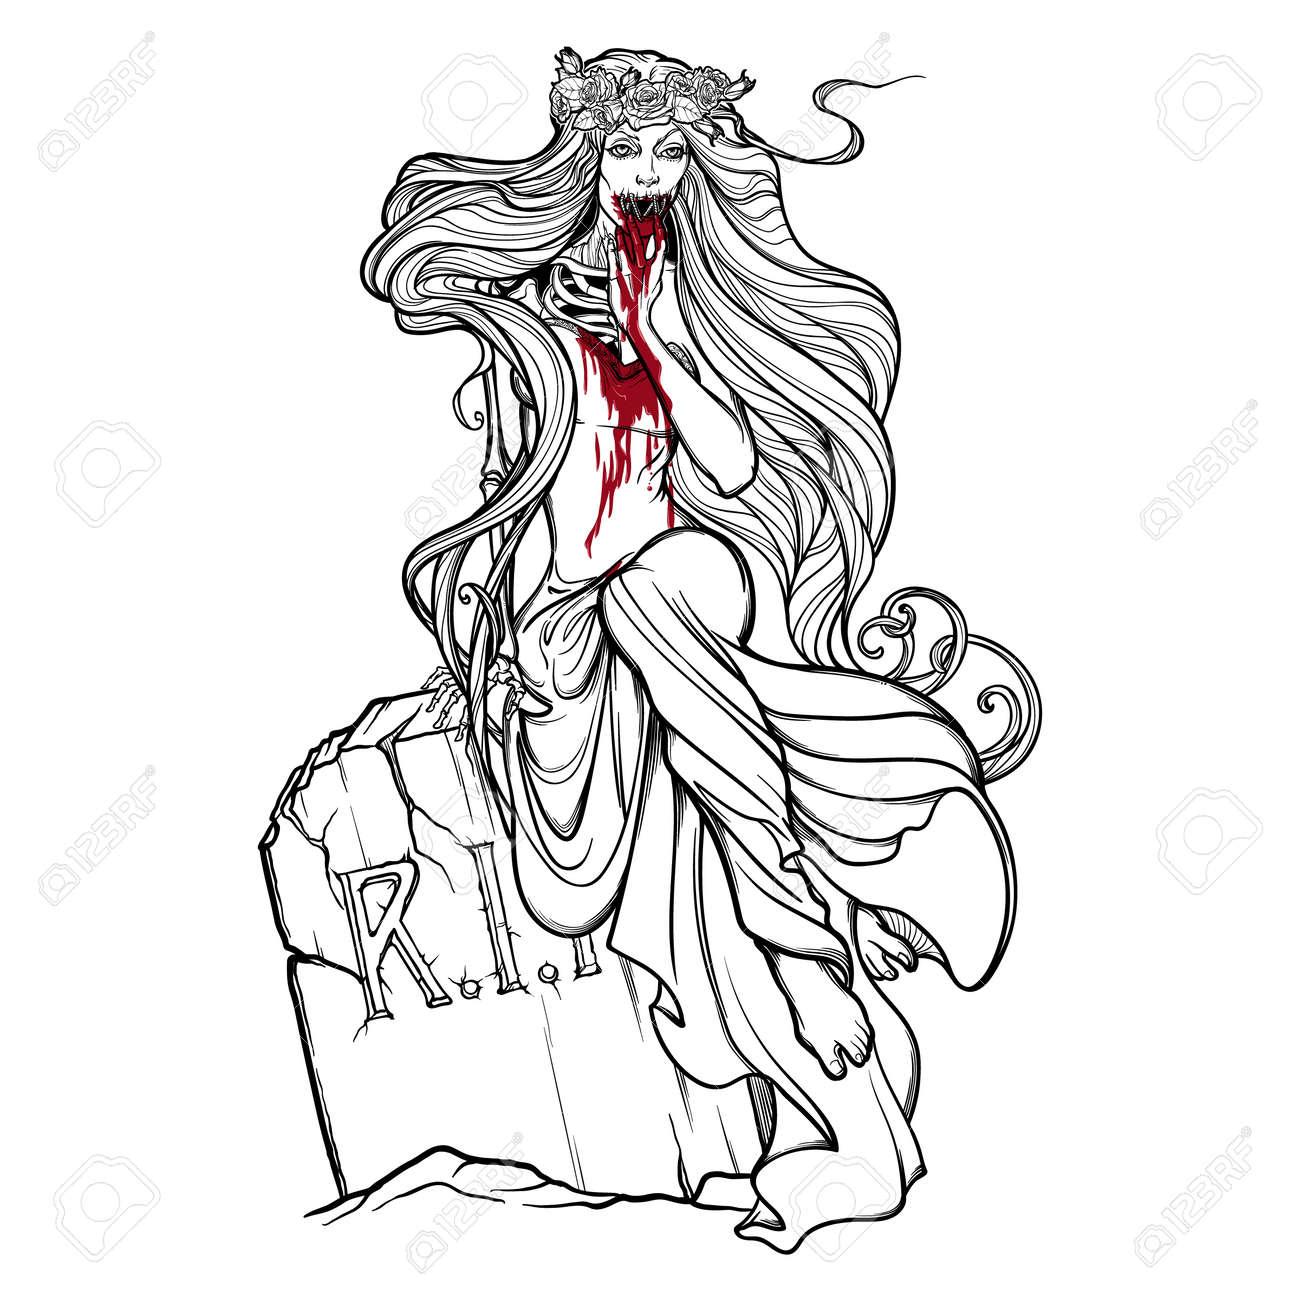 Mariée Morte Fille De Zombie Avec Une Bouche Cousue Des Mains Tachées De Sang Et Une Robe Assise Sur Une Pierre Tombale Dessin Linéaire Noir Et